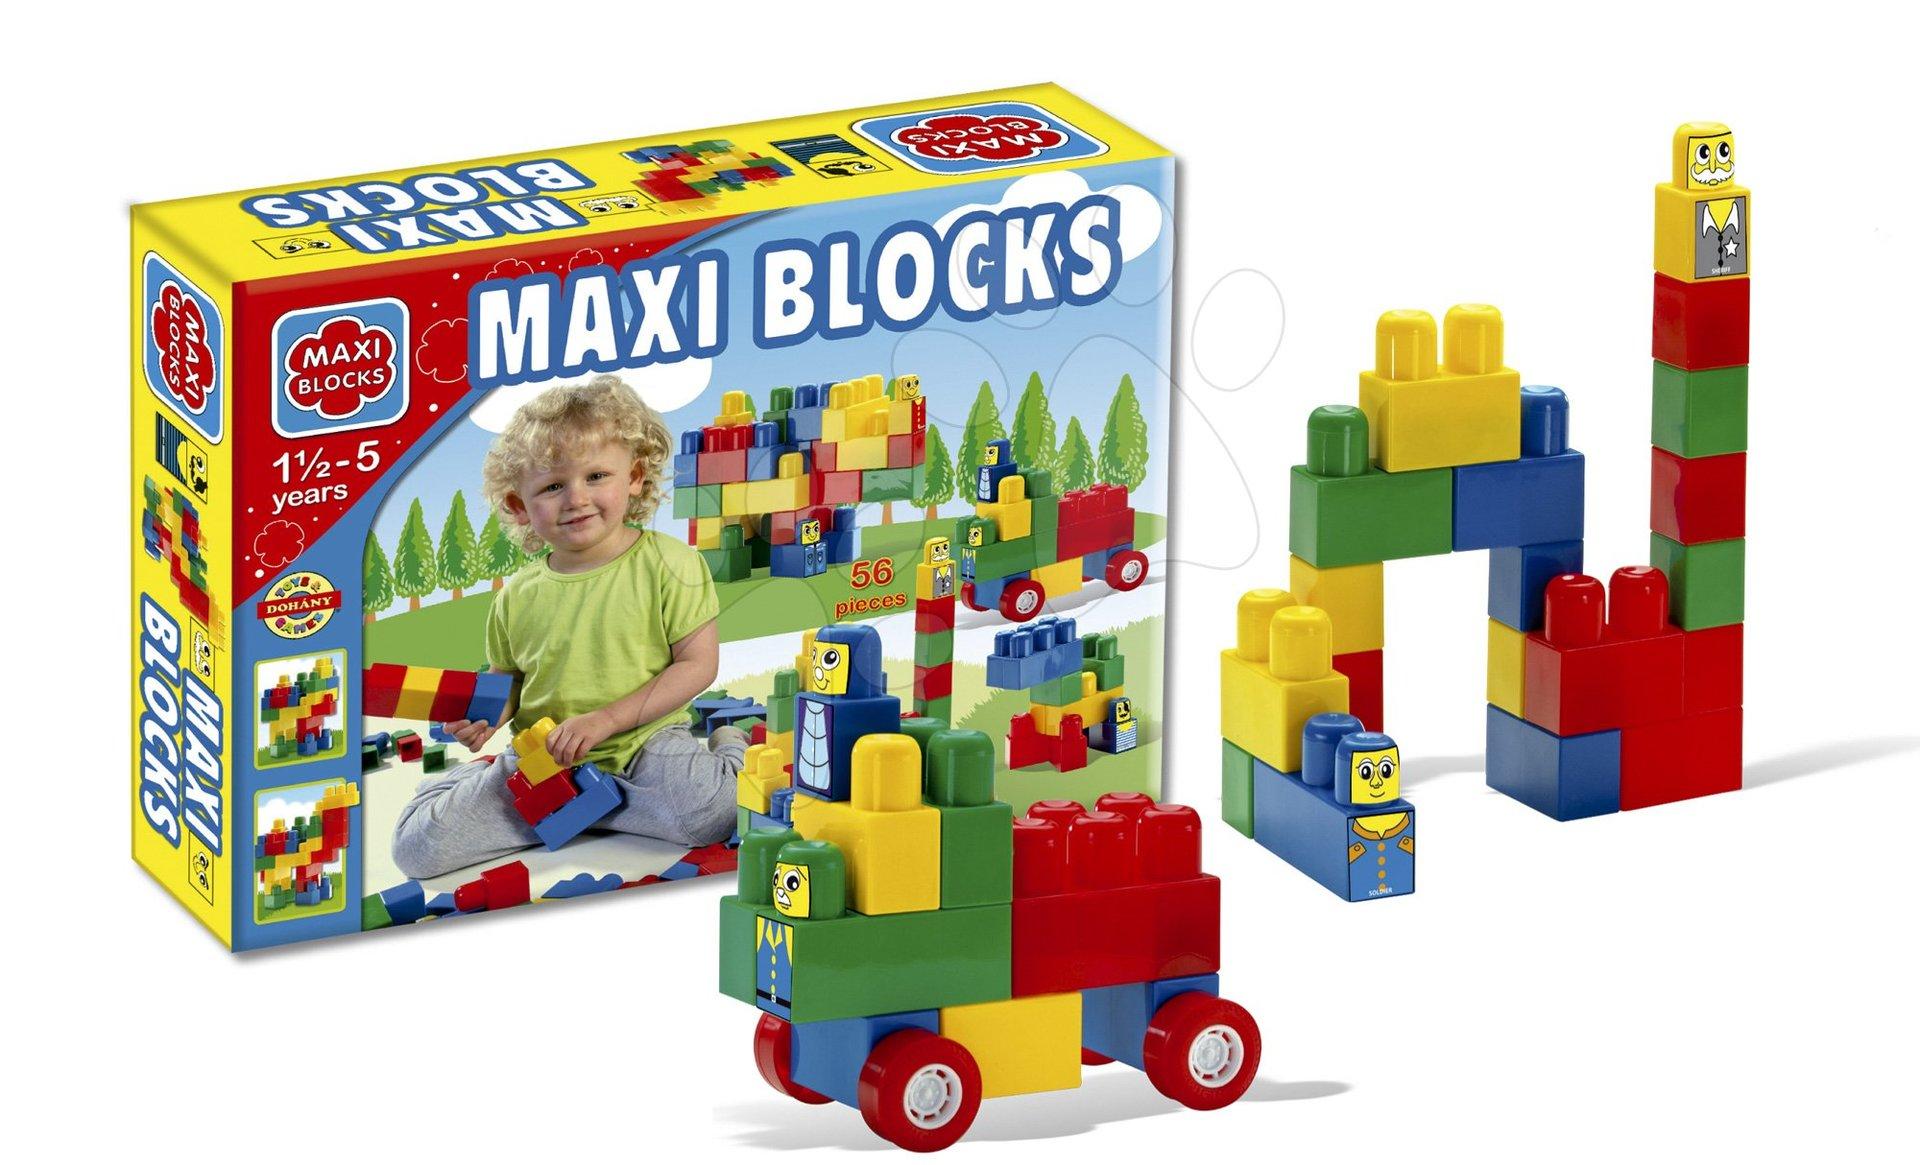 Cuburi de jucărie Maxi Blocks Dohány în ambalaj de carton 56 de piese de la 18 luni